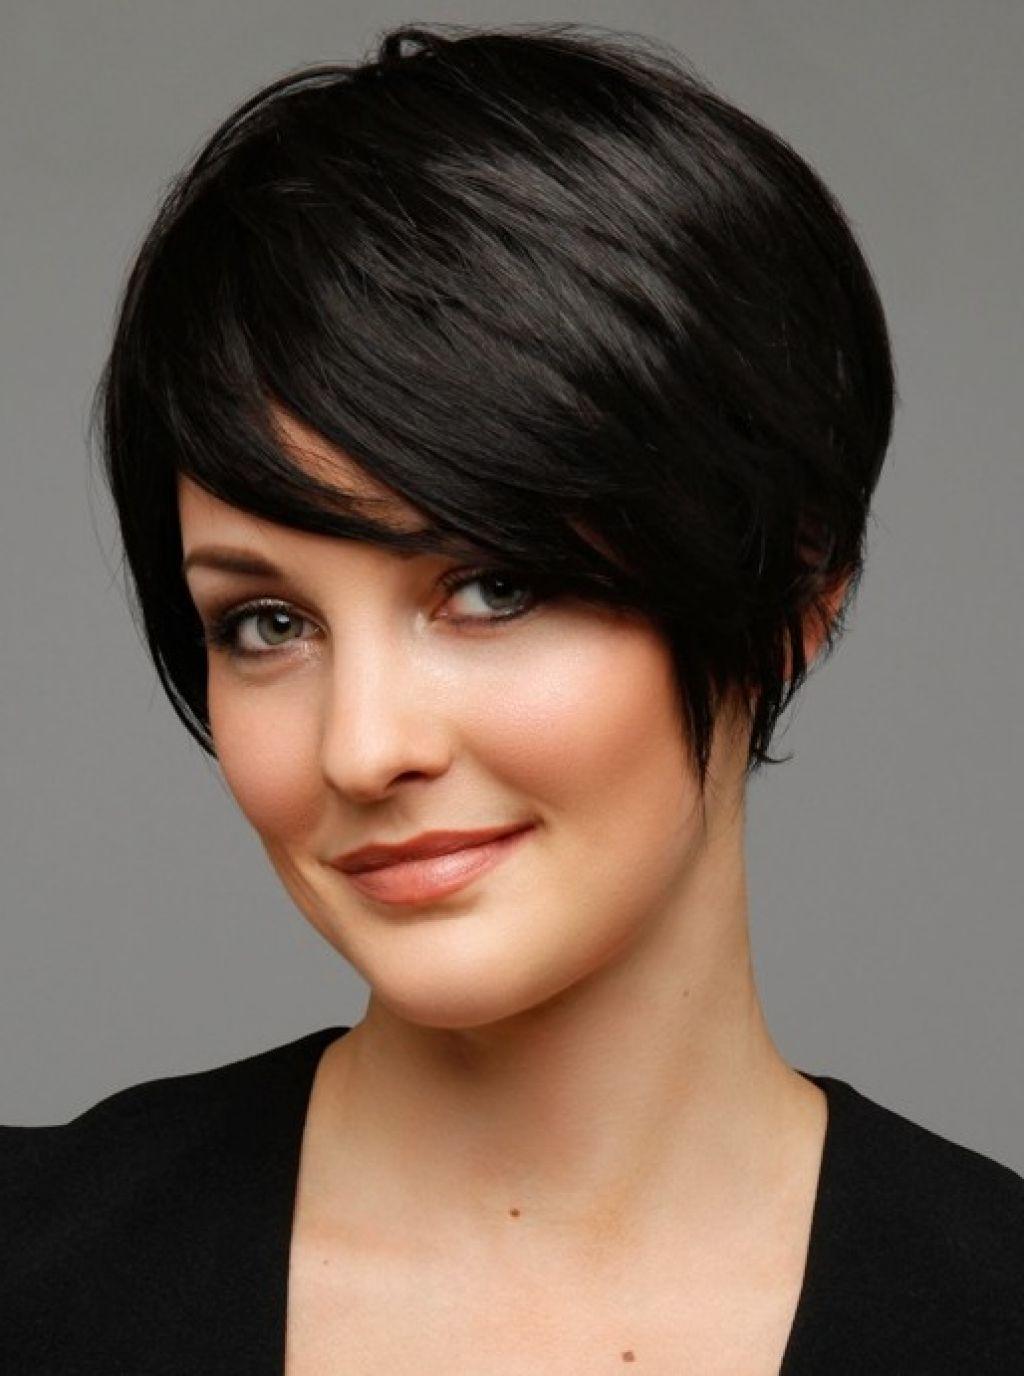 image85-1 | Модные женские стрижки на короткие волосы: основные правила и варианты исполнения